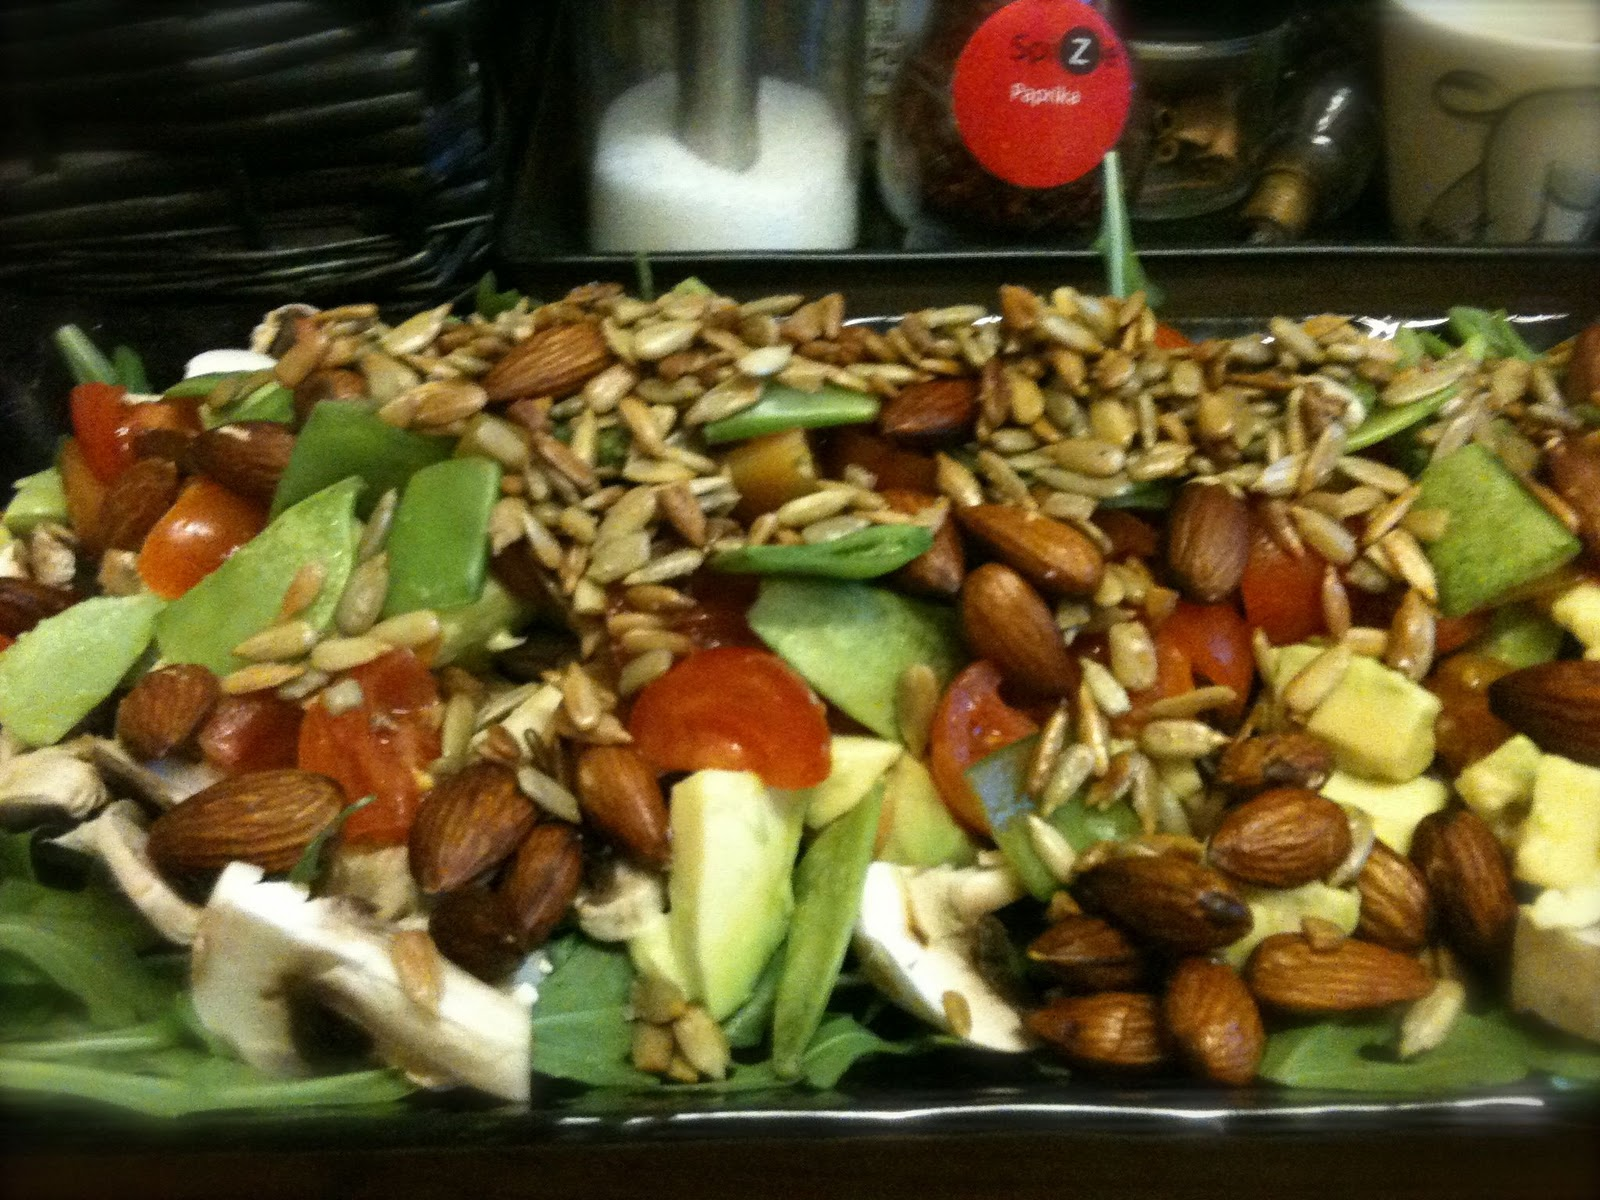 ristede mandler til salat